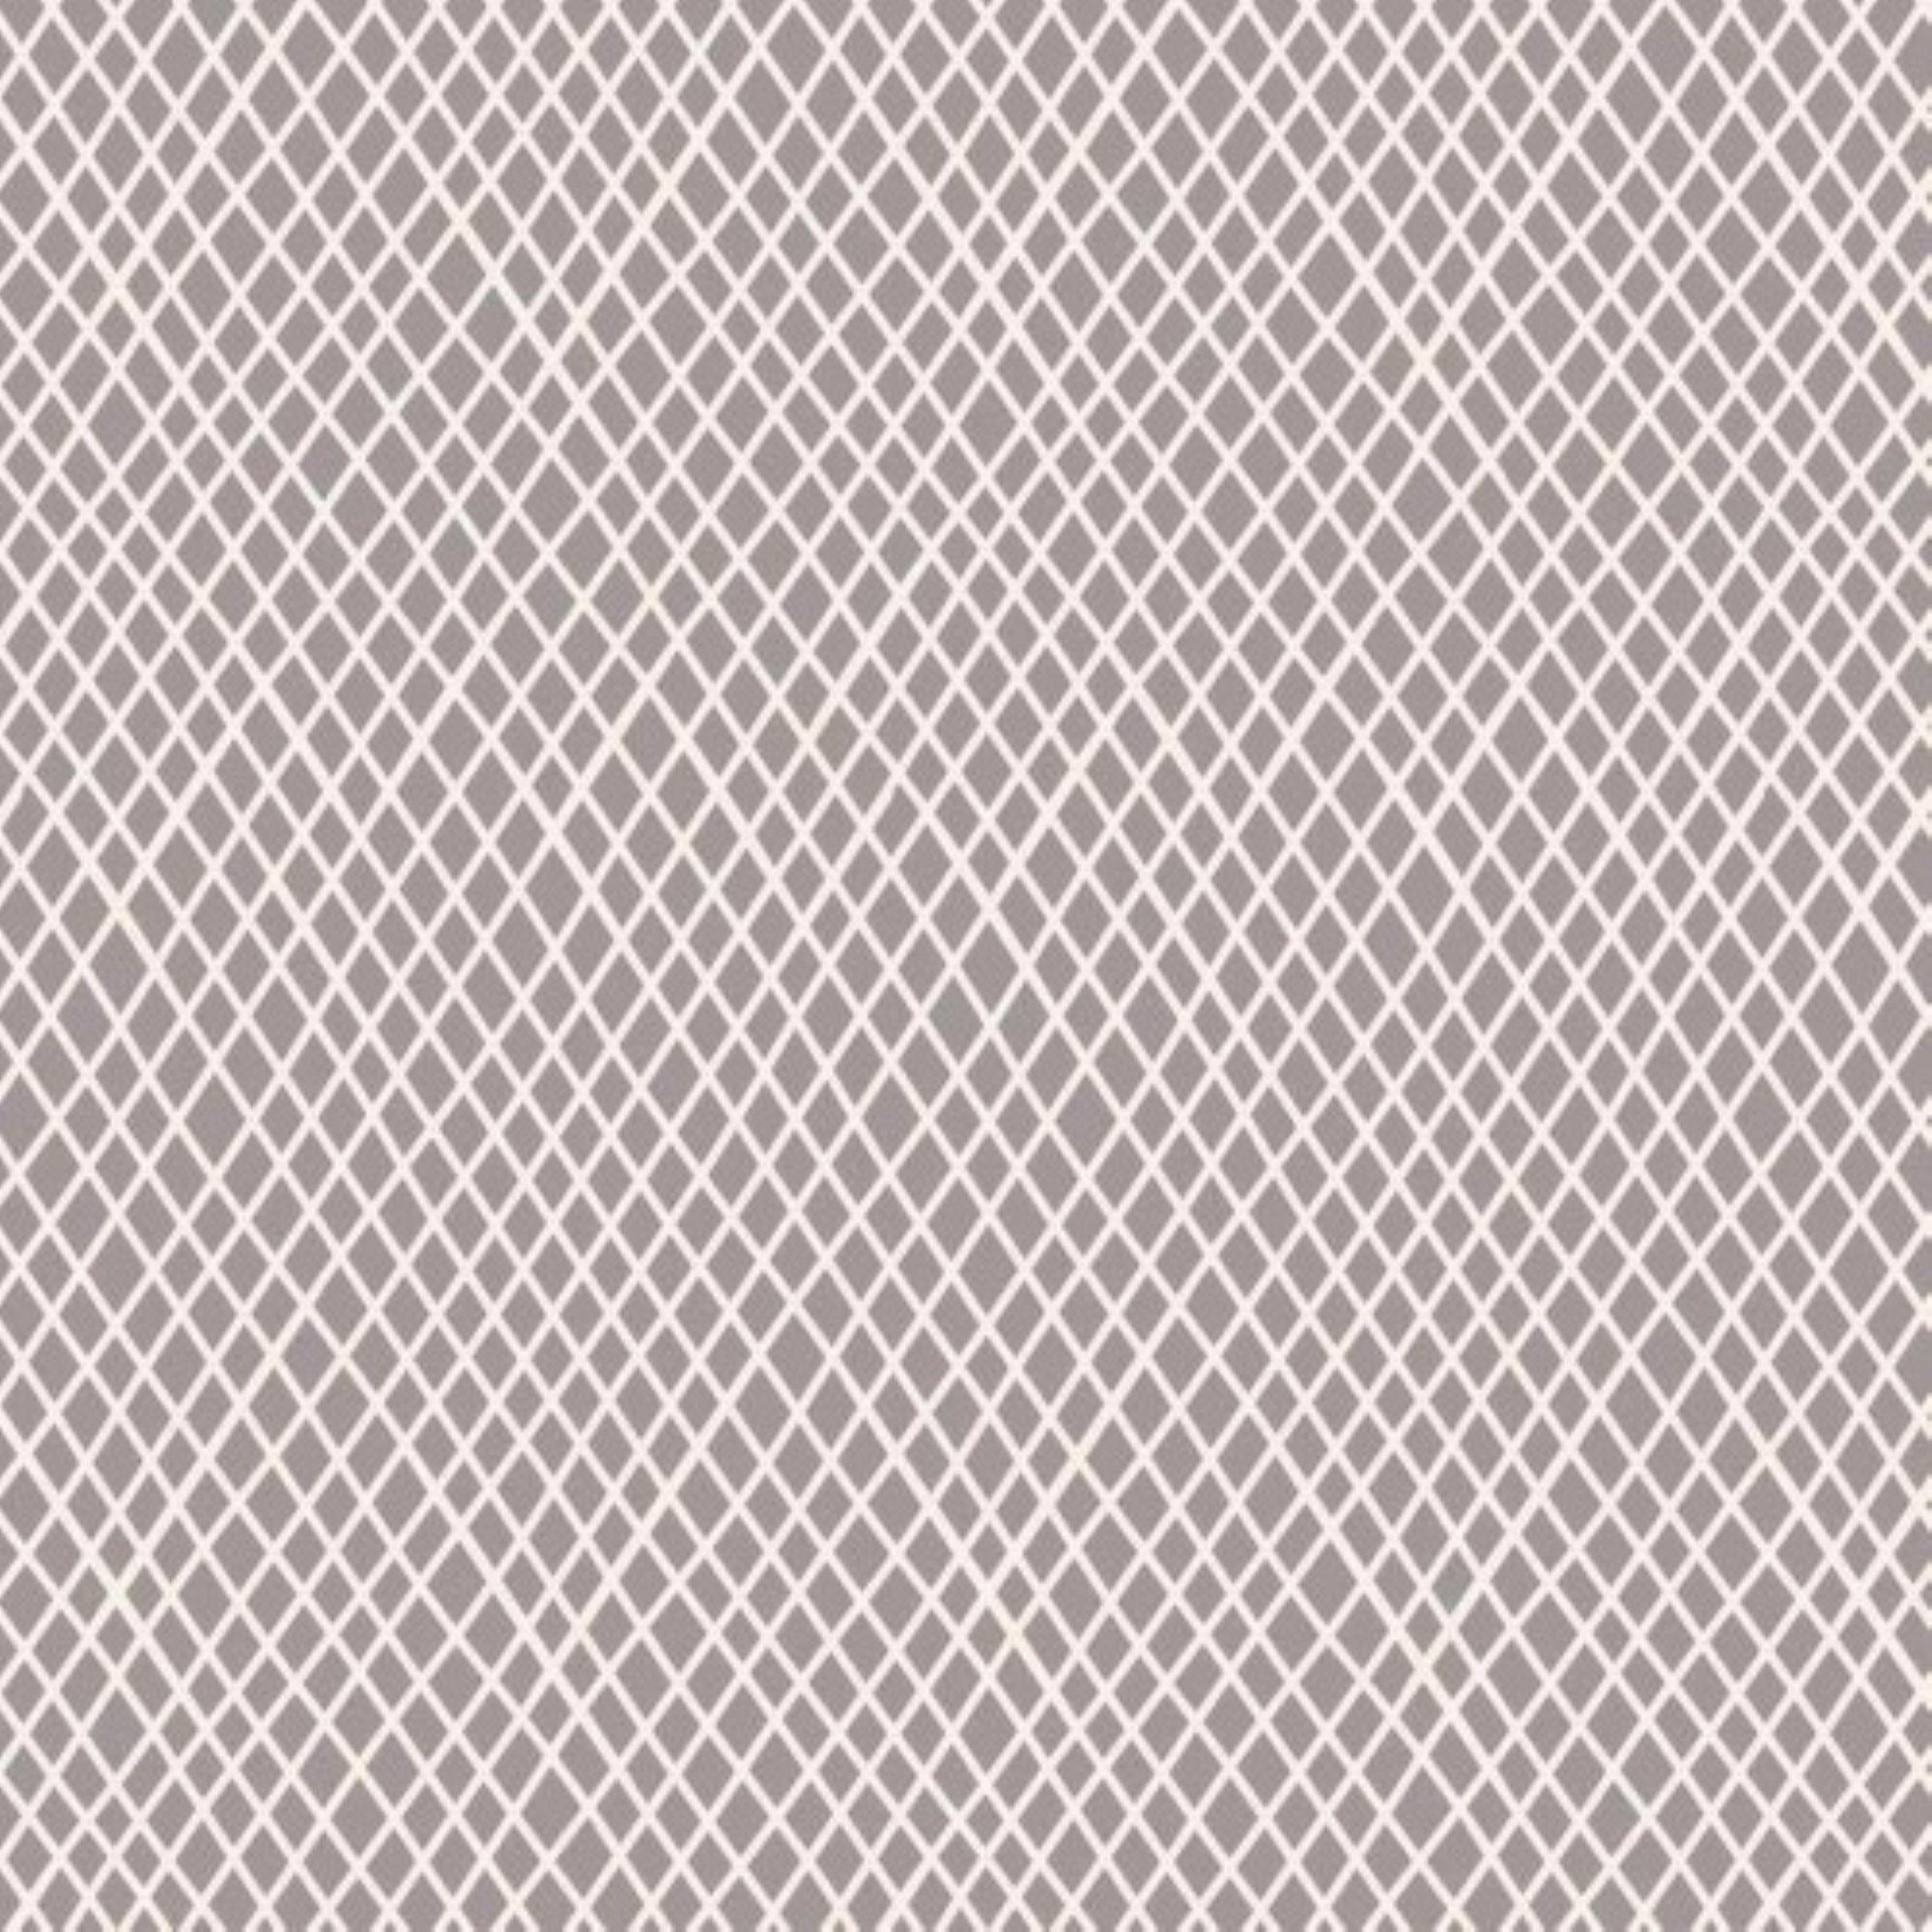 Tilda Basics Crisscross Grau In 2020 Tilda Stoffe Stoffe Sticken Und Nahen